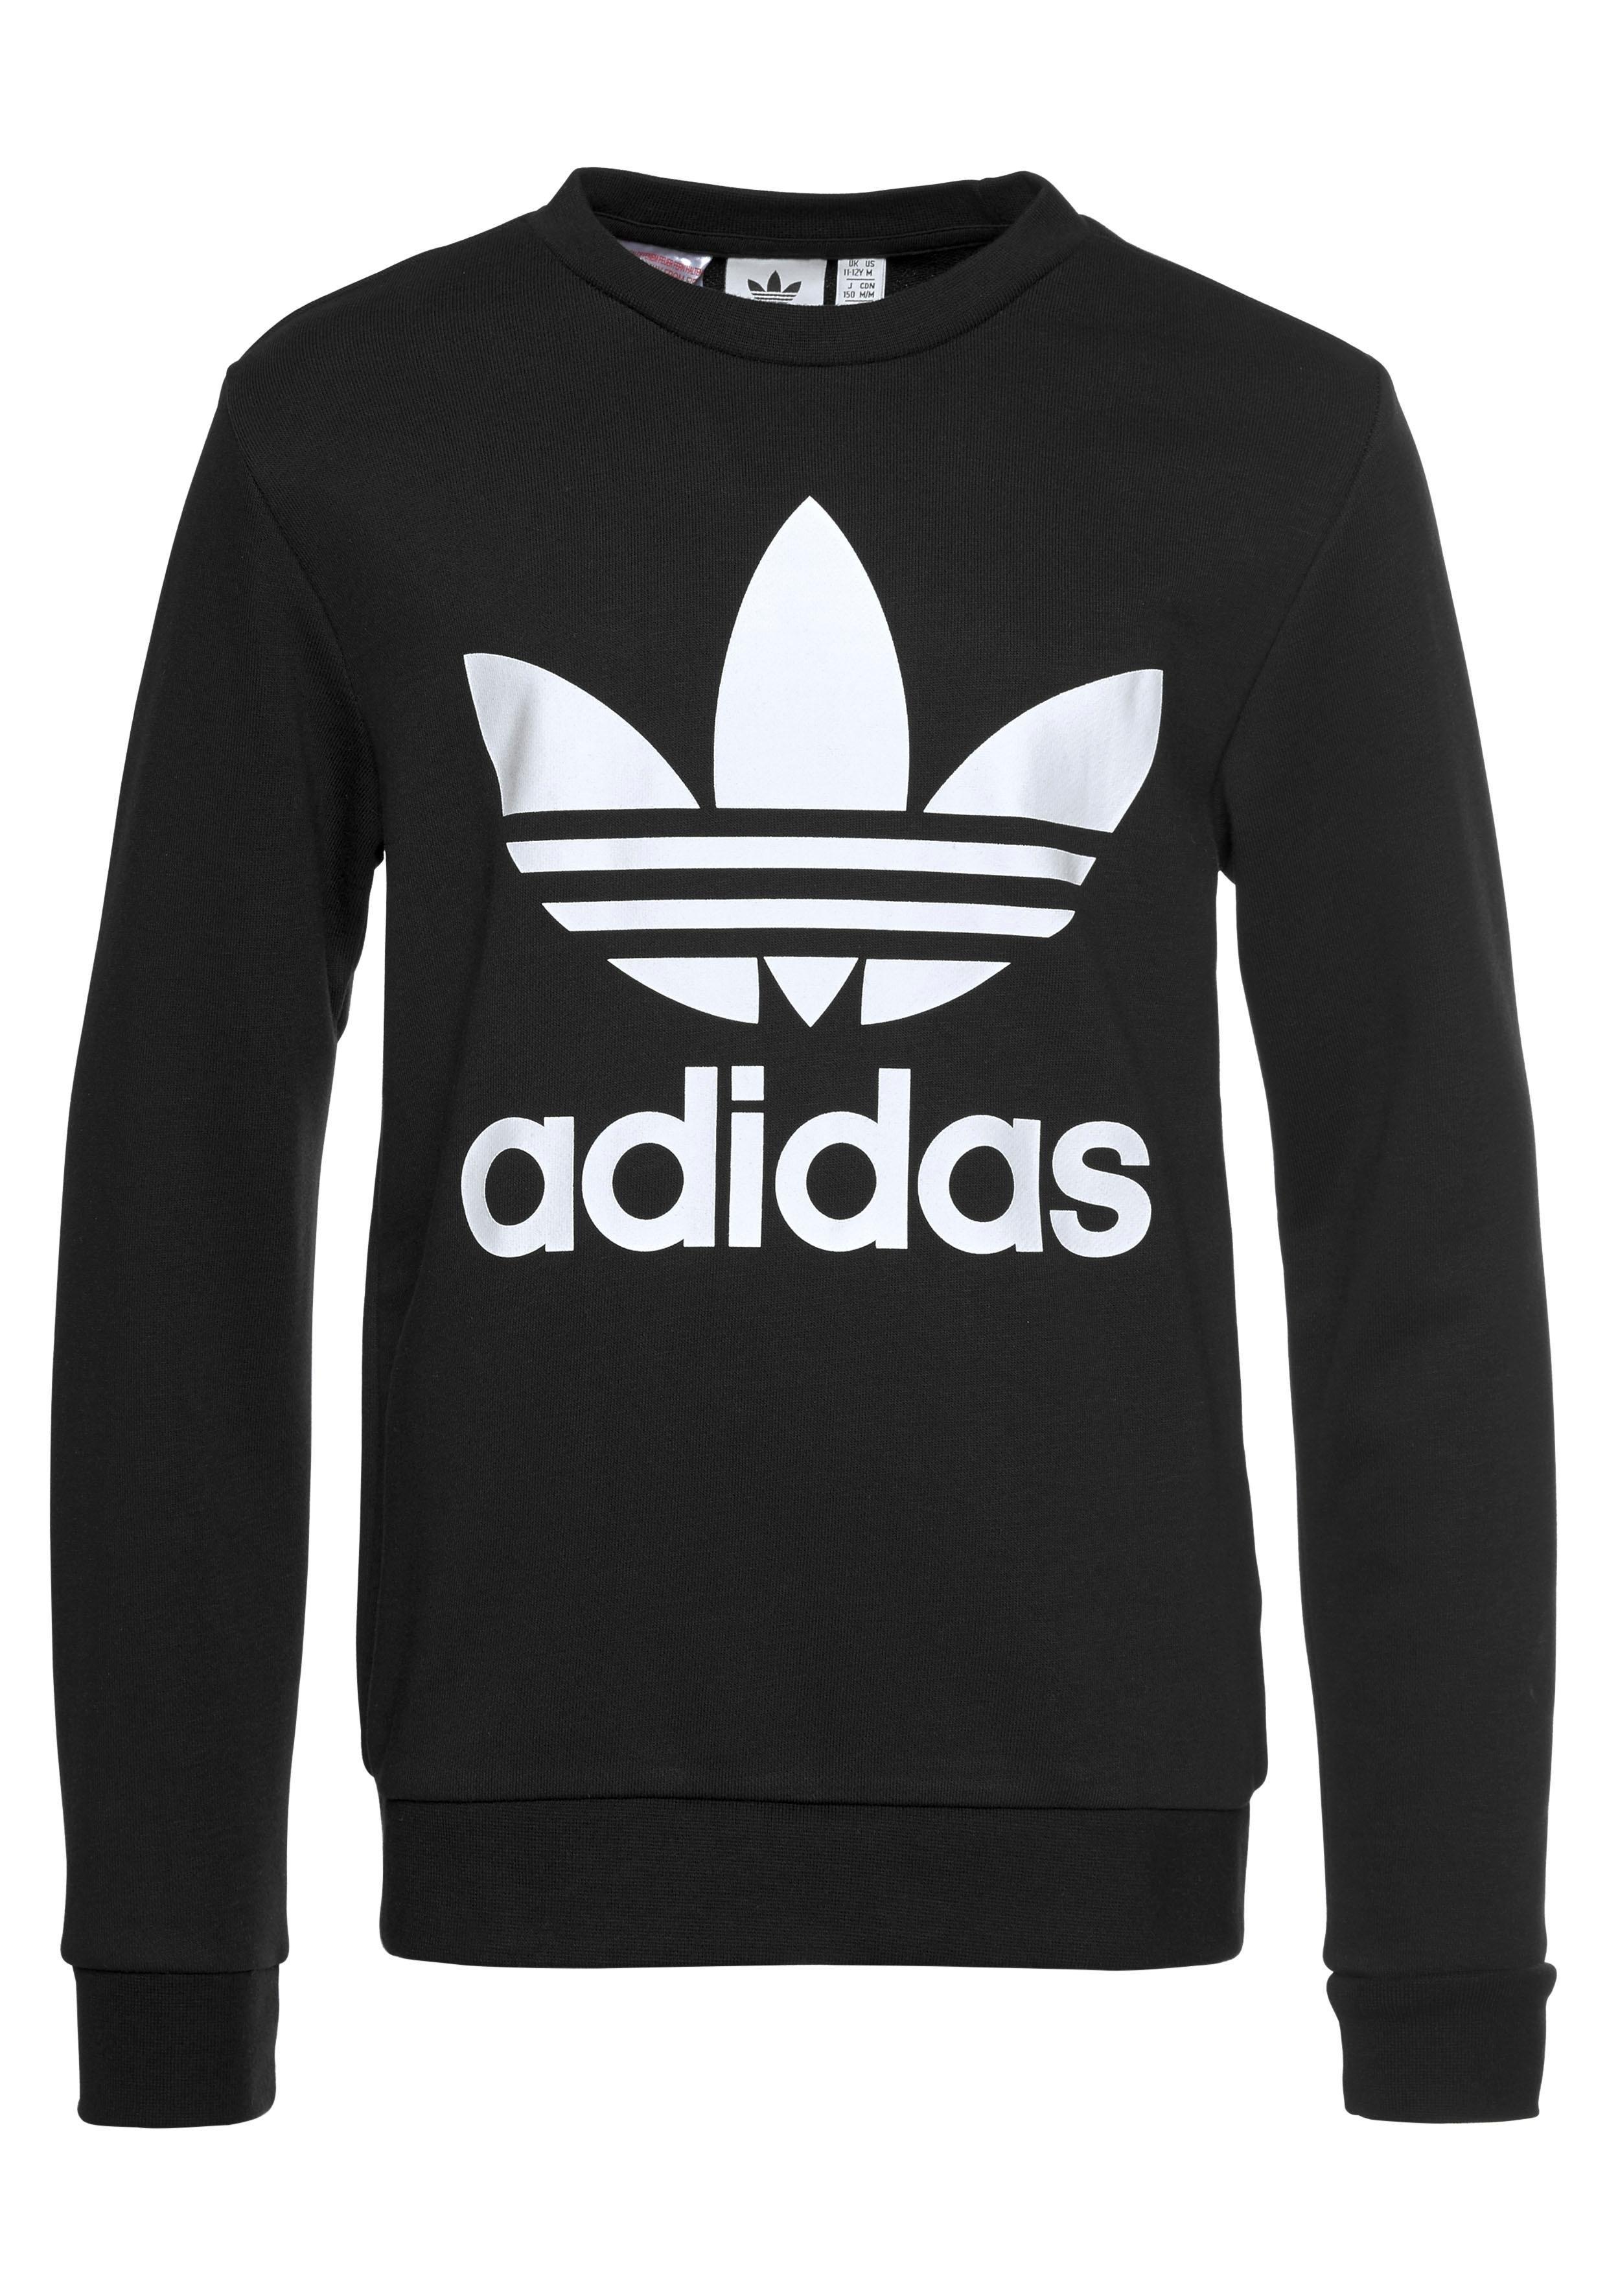 adidas Originals sweatshirt »Trefoil Crew« bestellen: 14 dagen bedenktijd